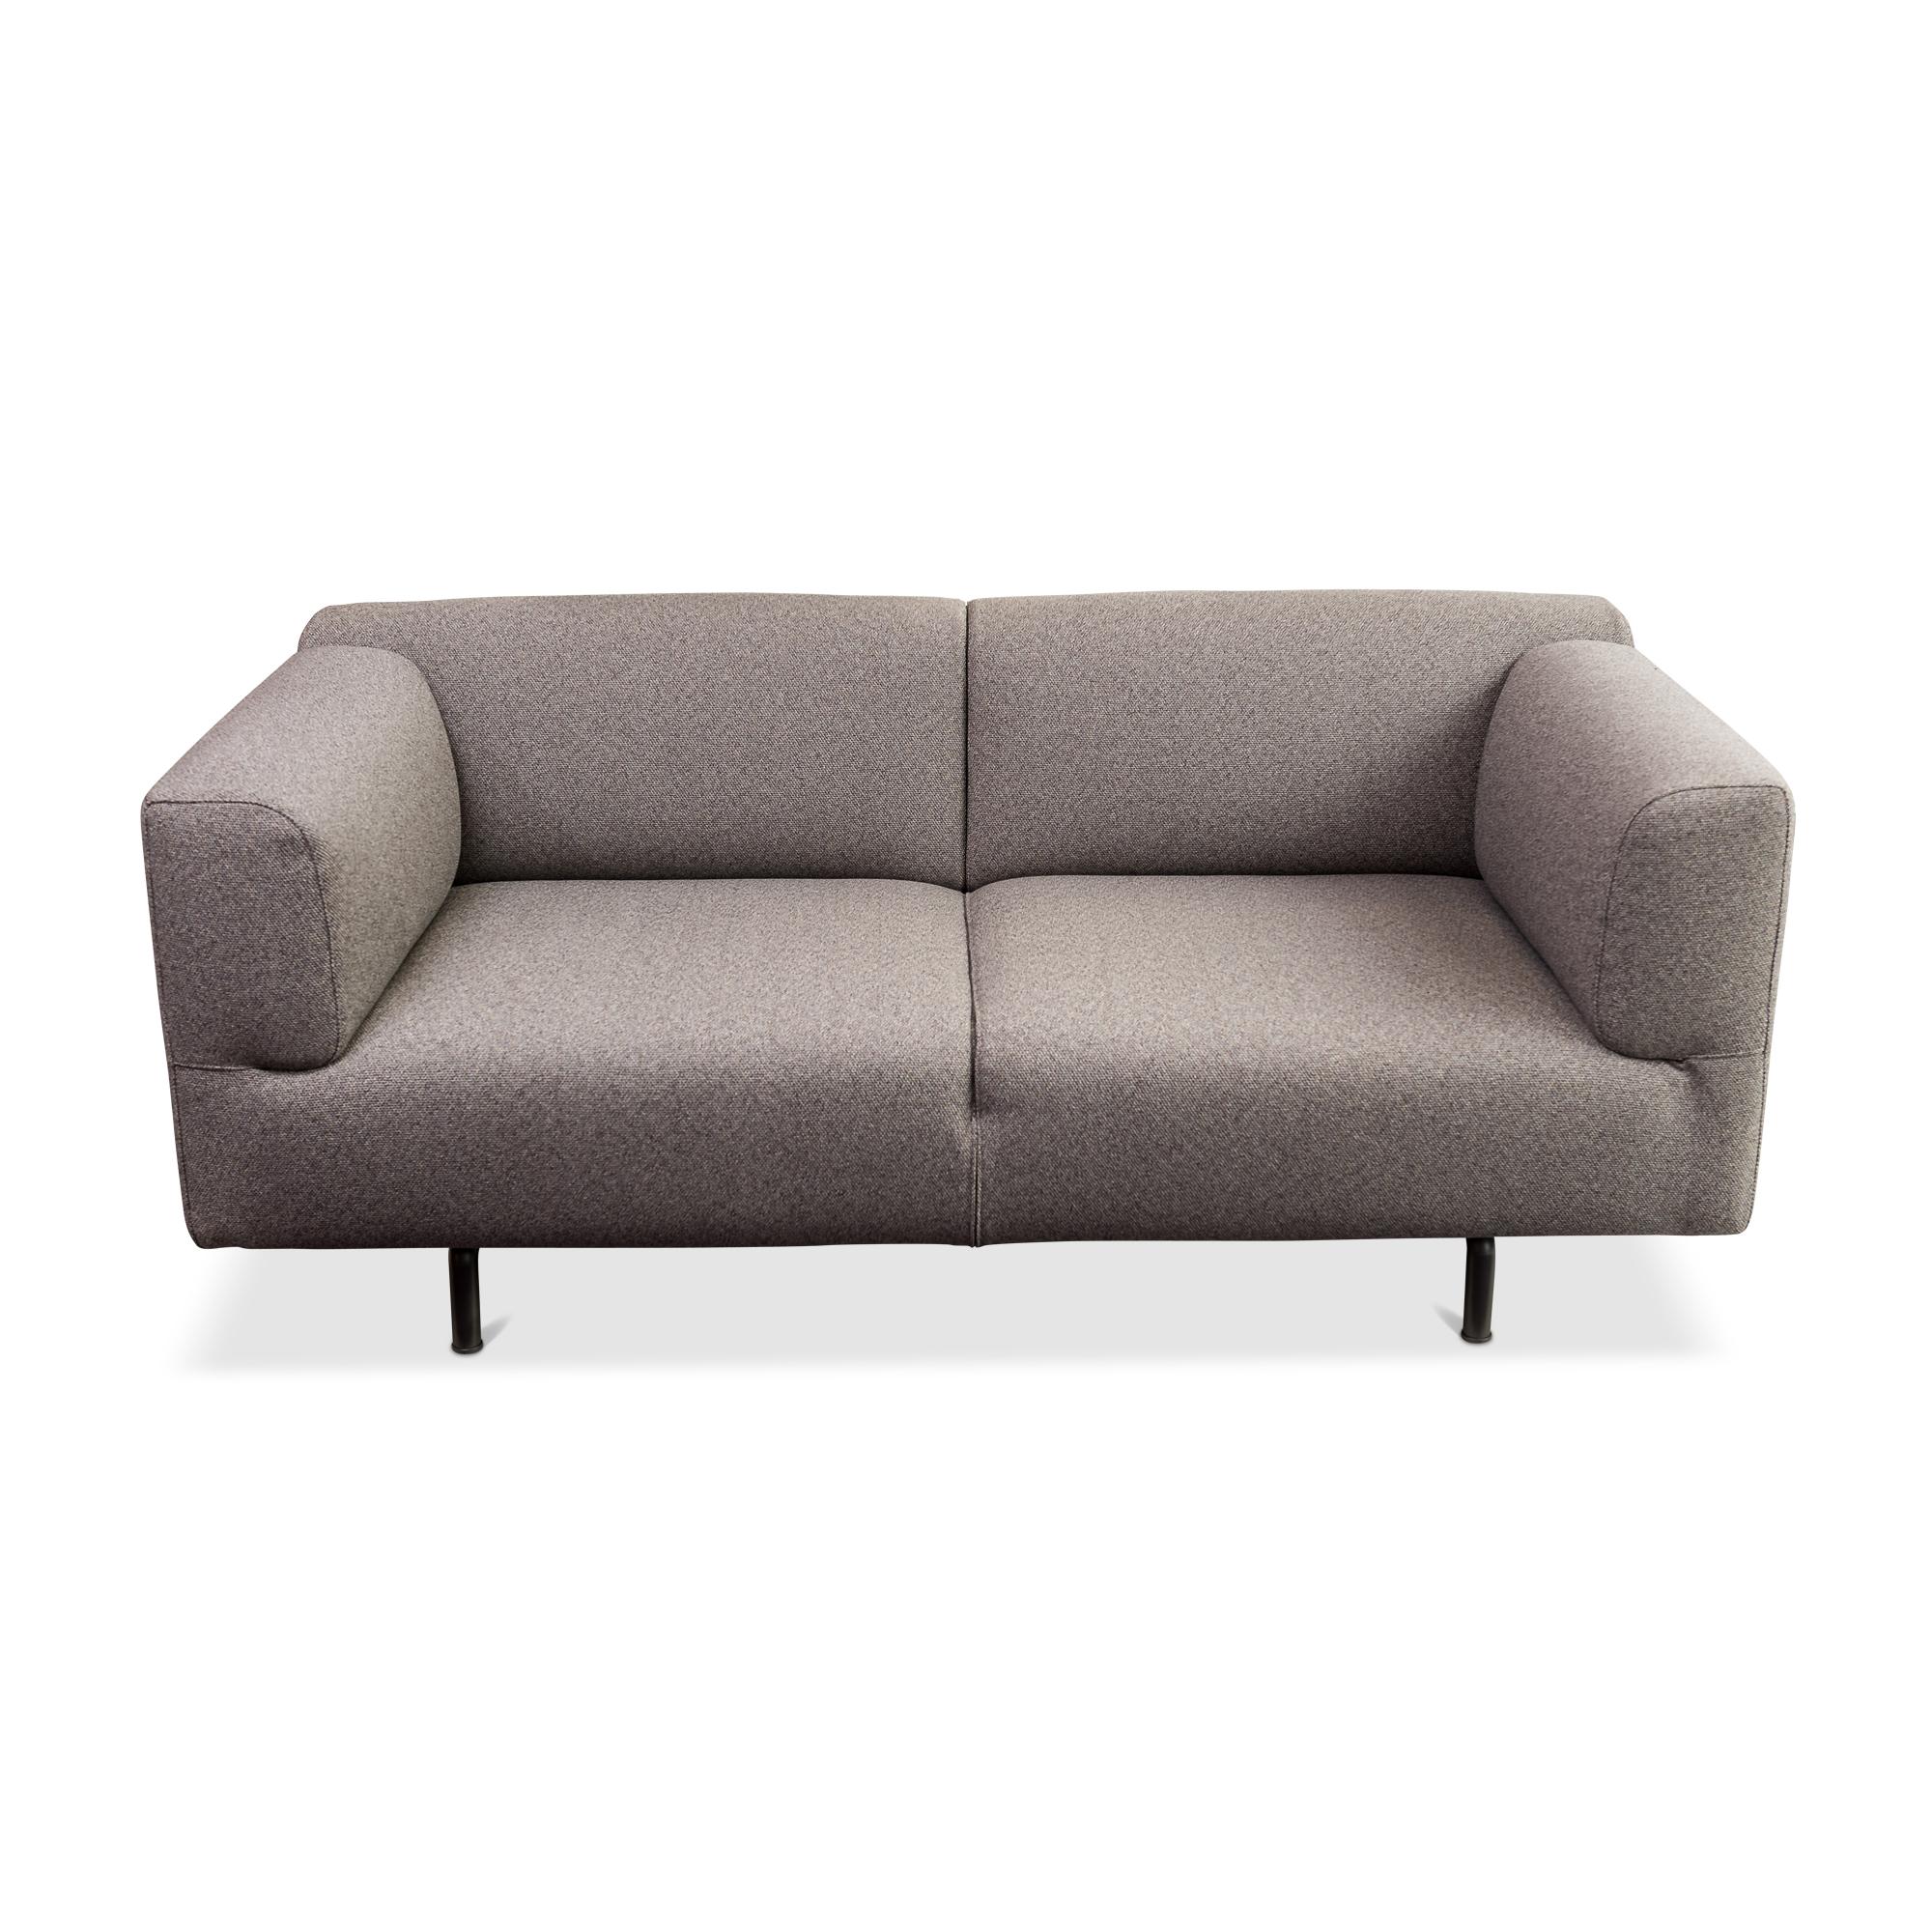 Top Ergebnis 50 Genial Couch 2 Sitzer Grau Bilder 2017 Kjs7 2017